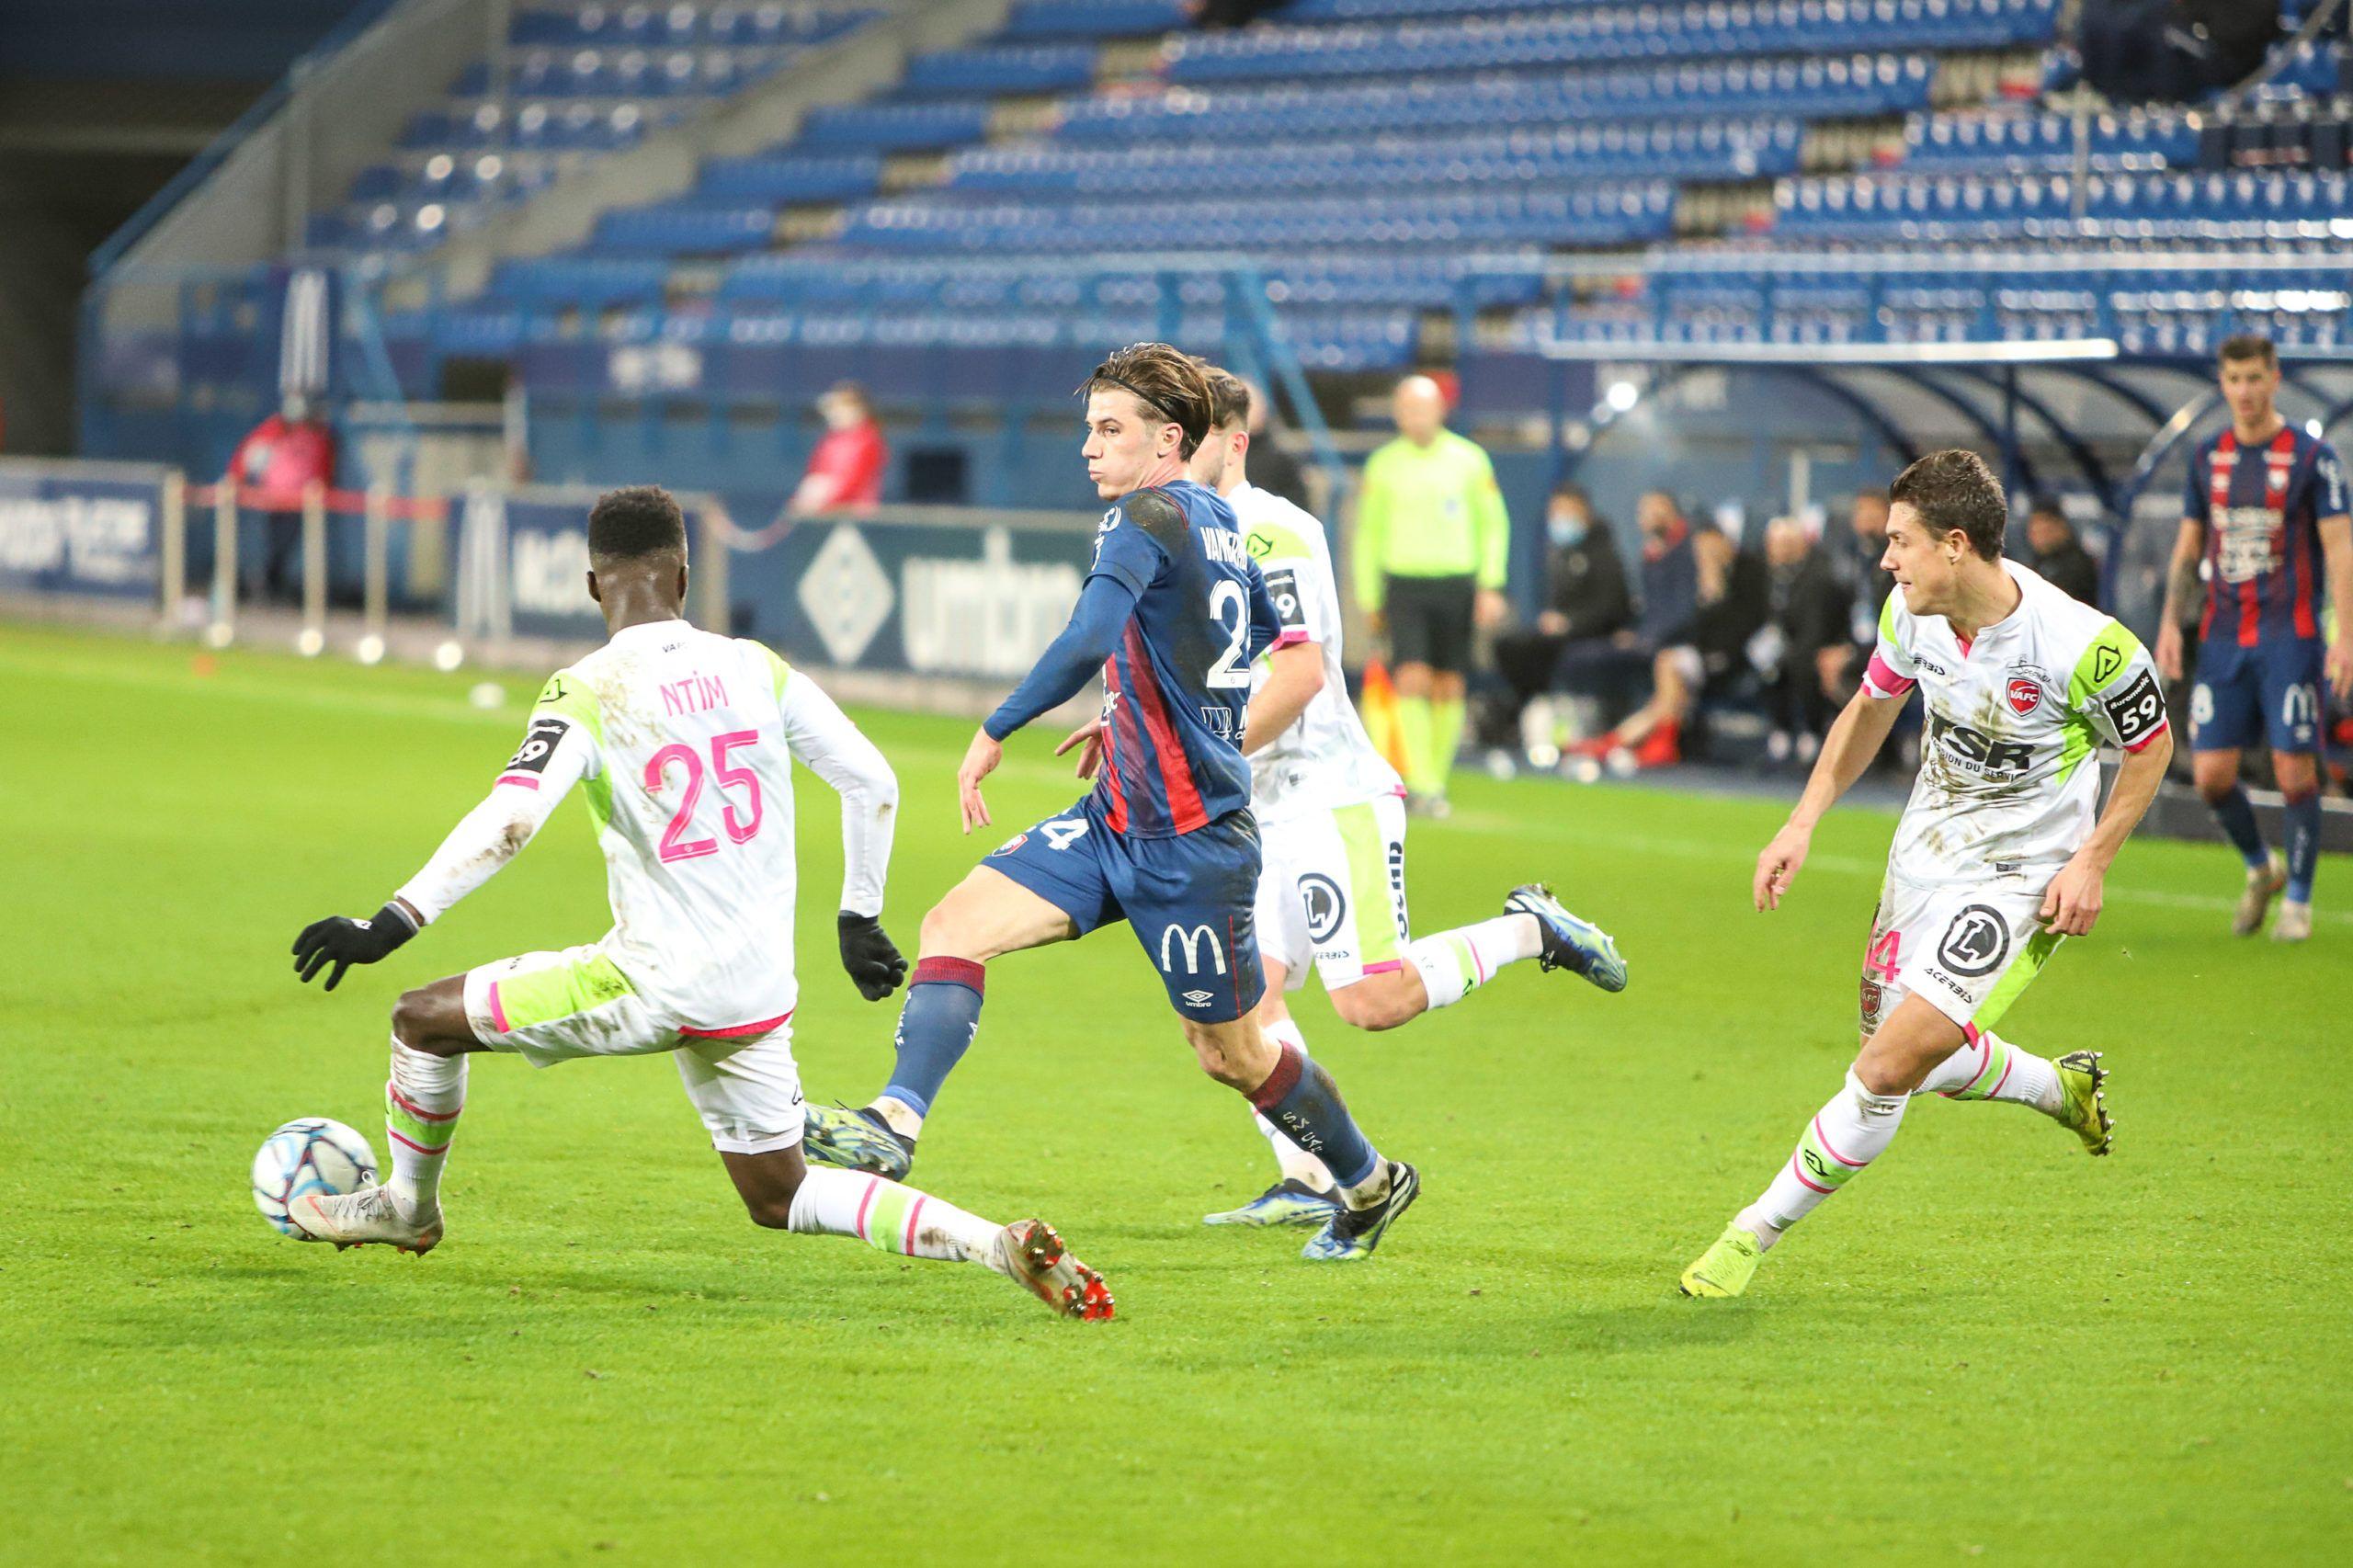 Les notes des joueurs caennais après le match nul contre Valenciennes (1-1)